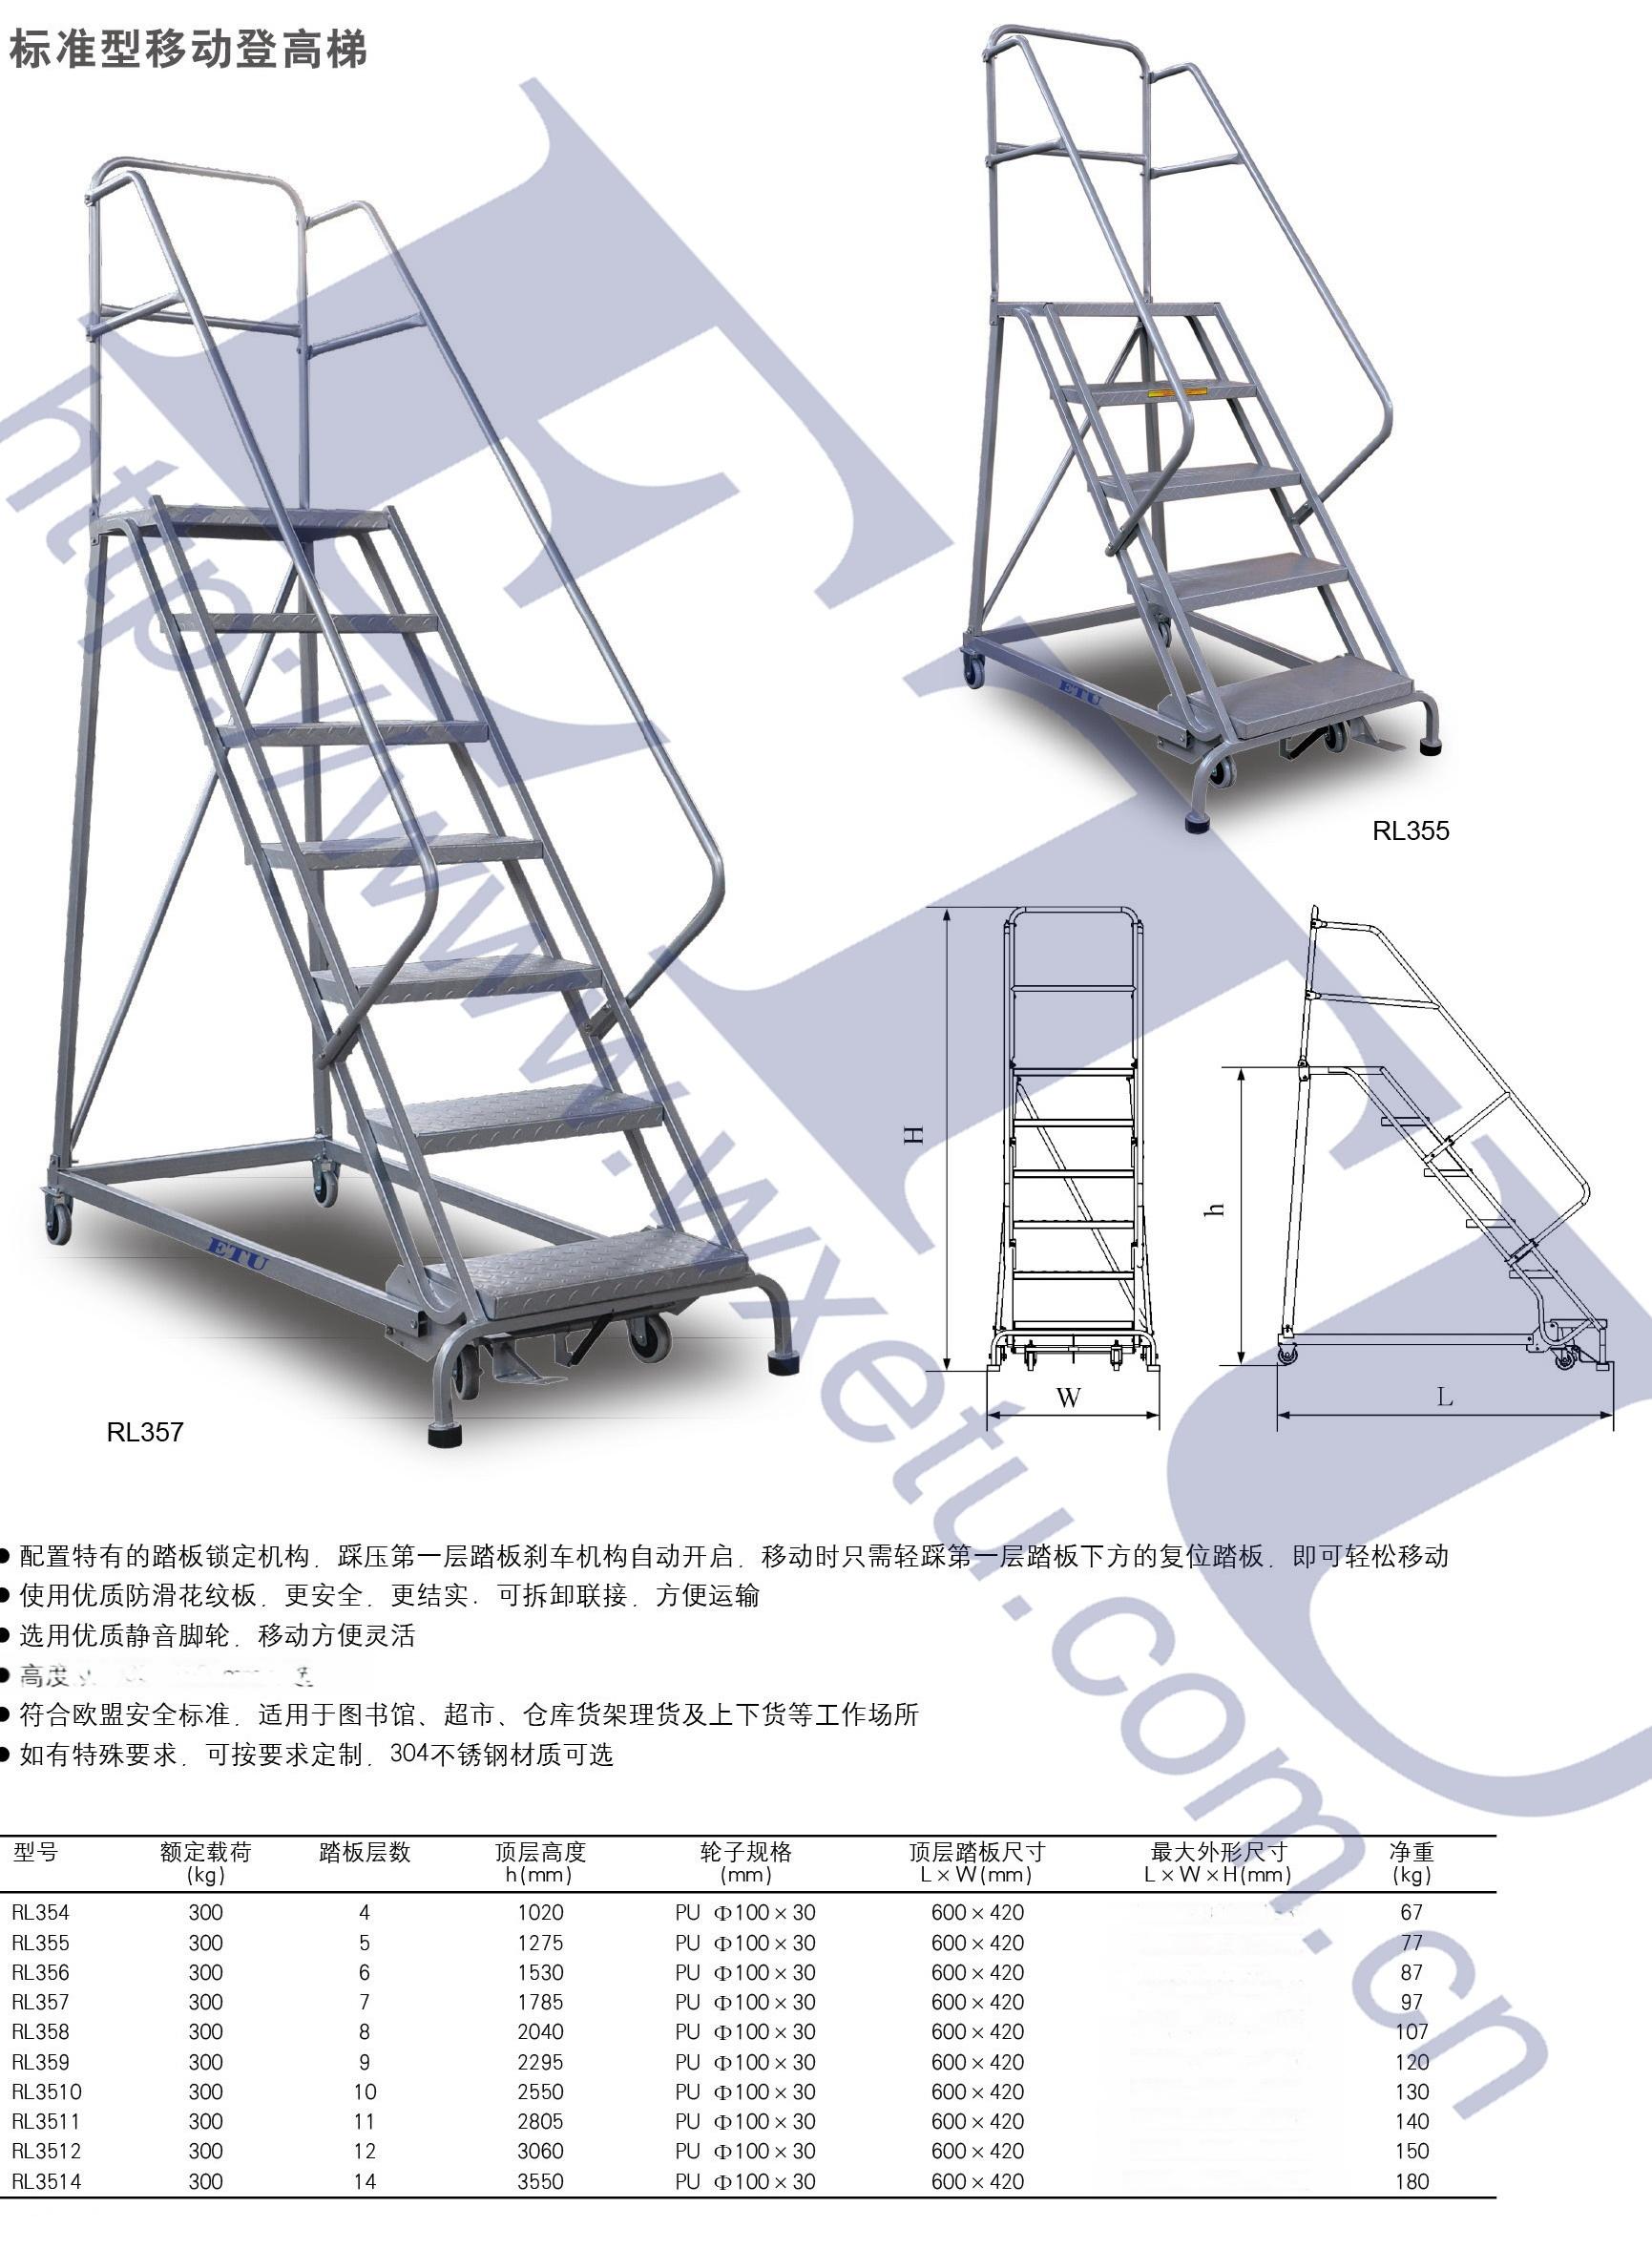 厂家直销登高梯,移动登高梯,登高车,仓库登高梯,货架登高车45399755